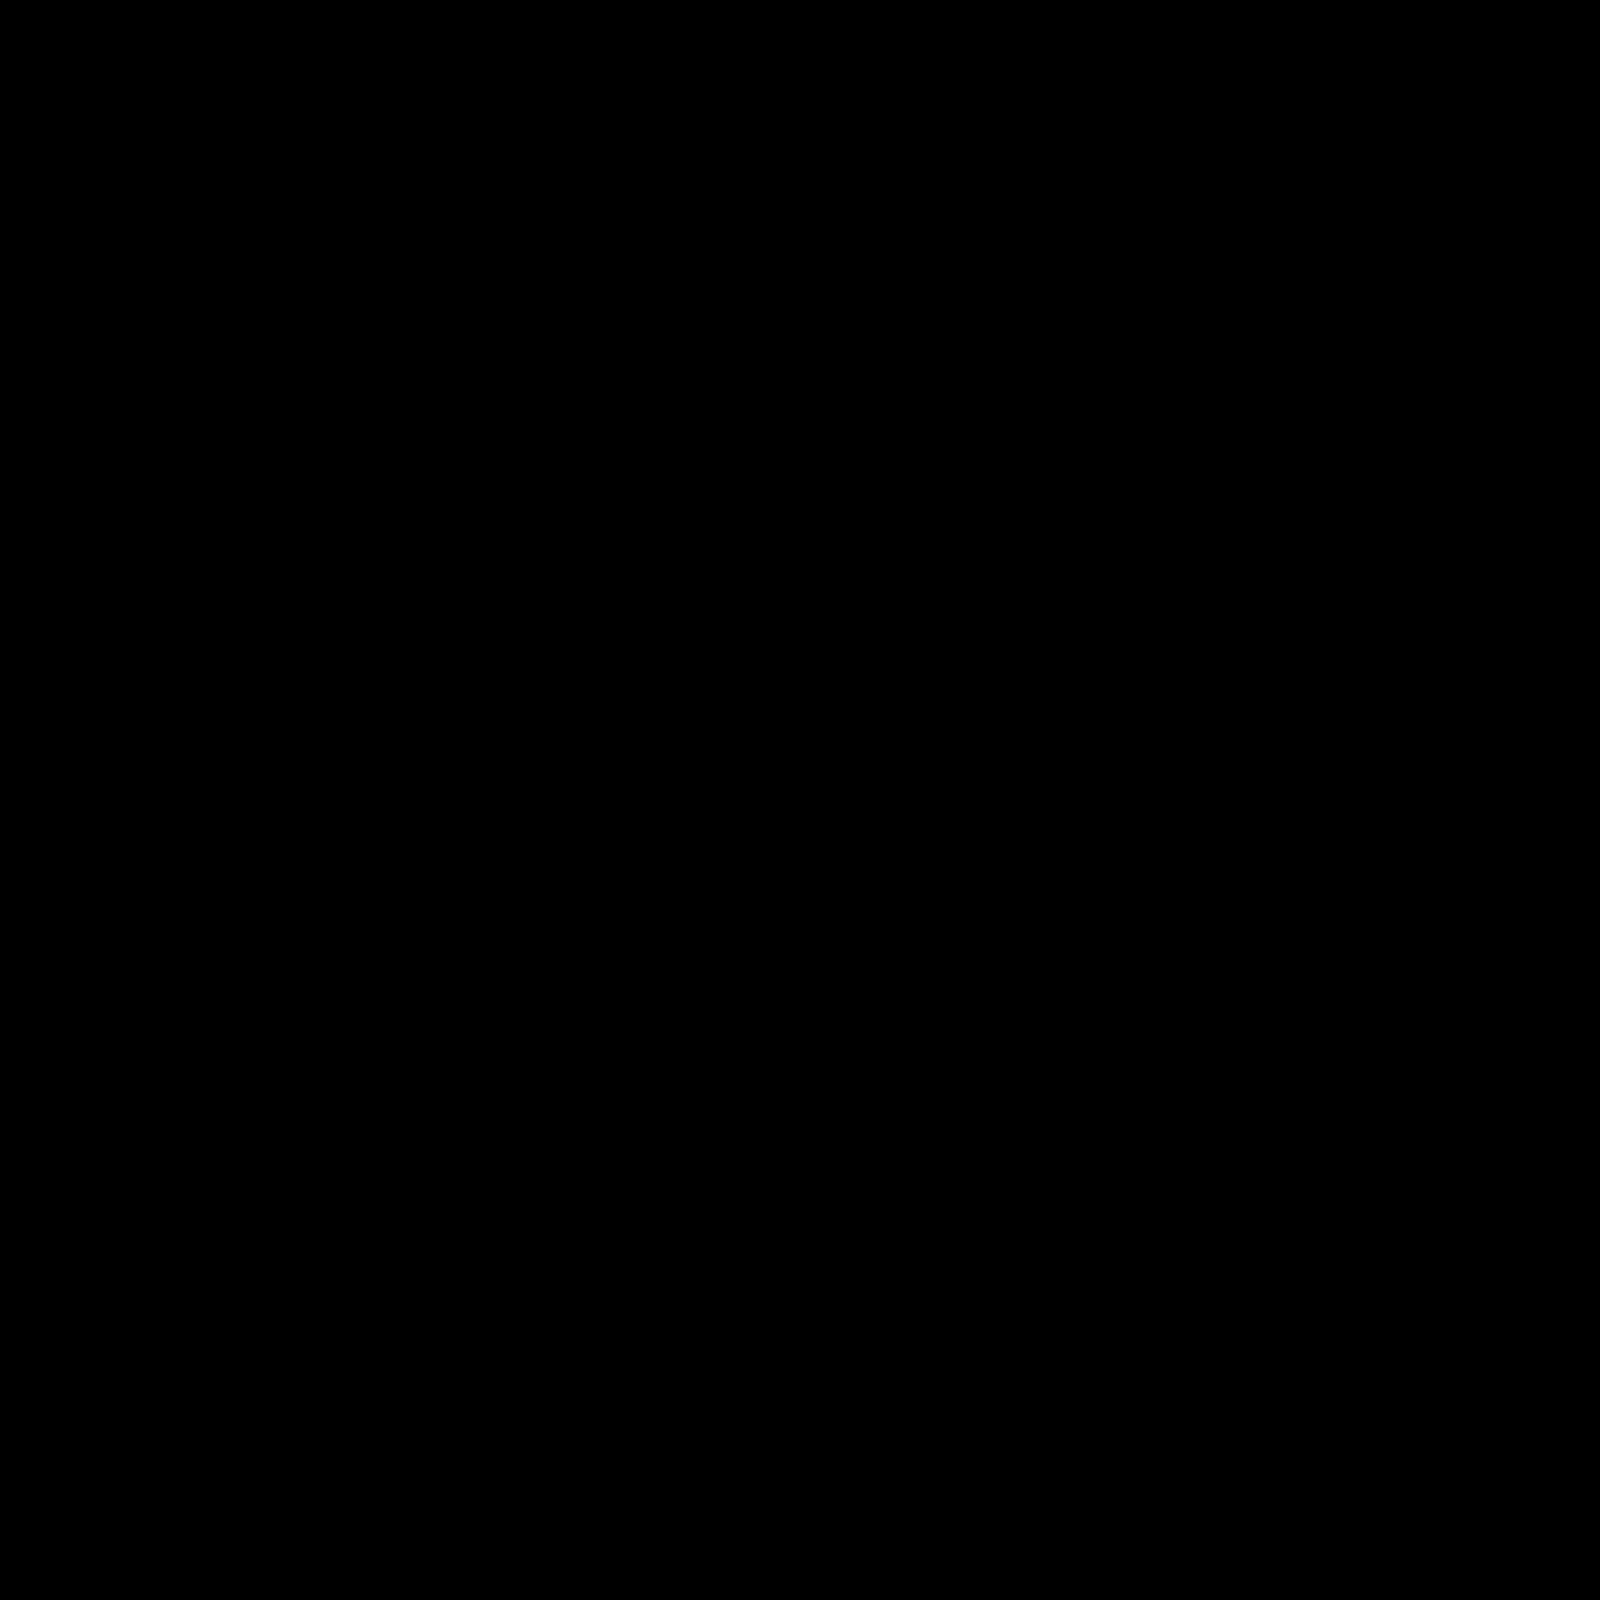 オーストラリア icon